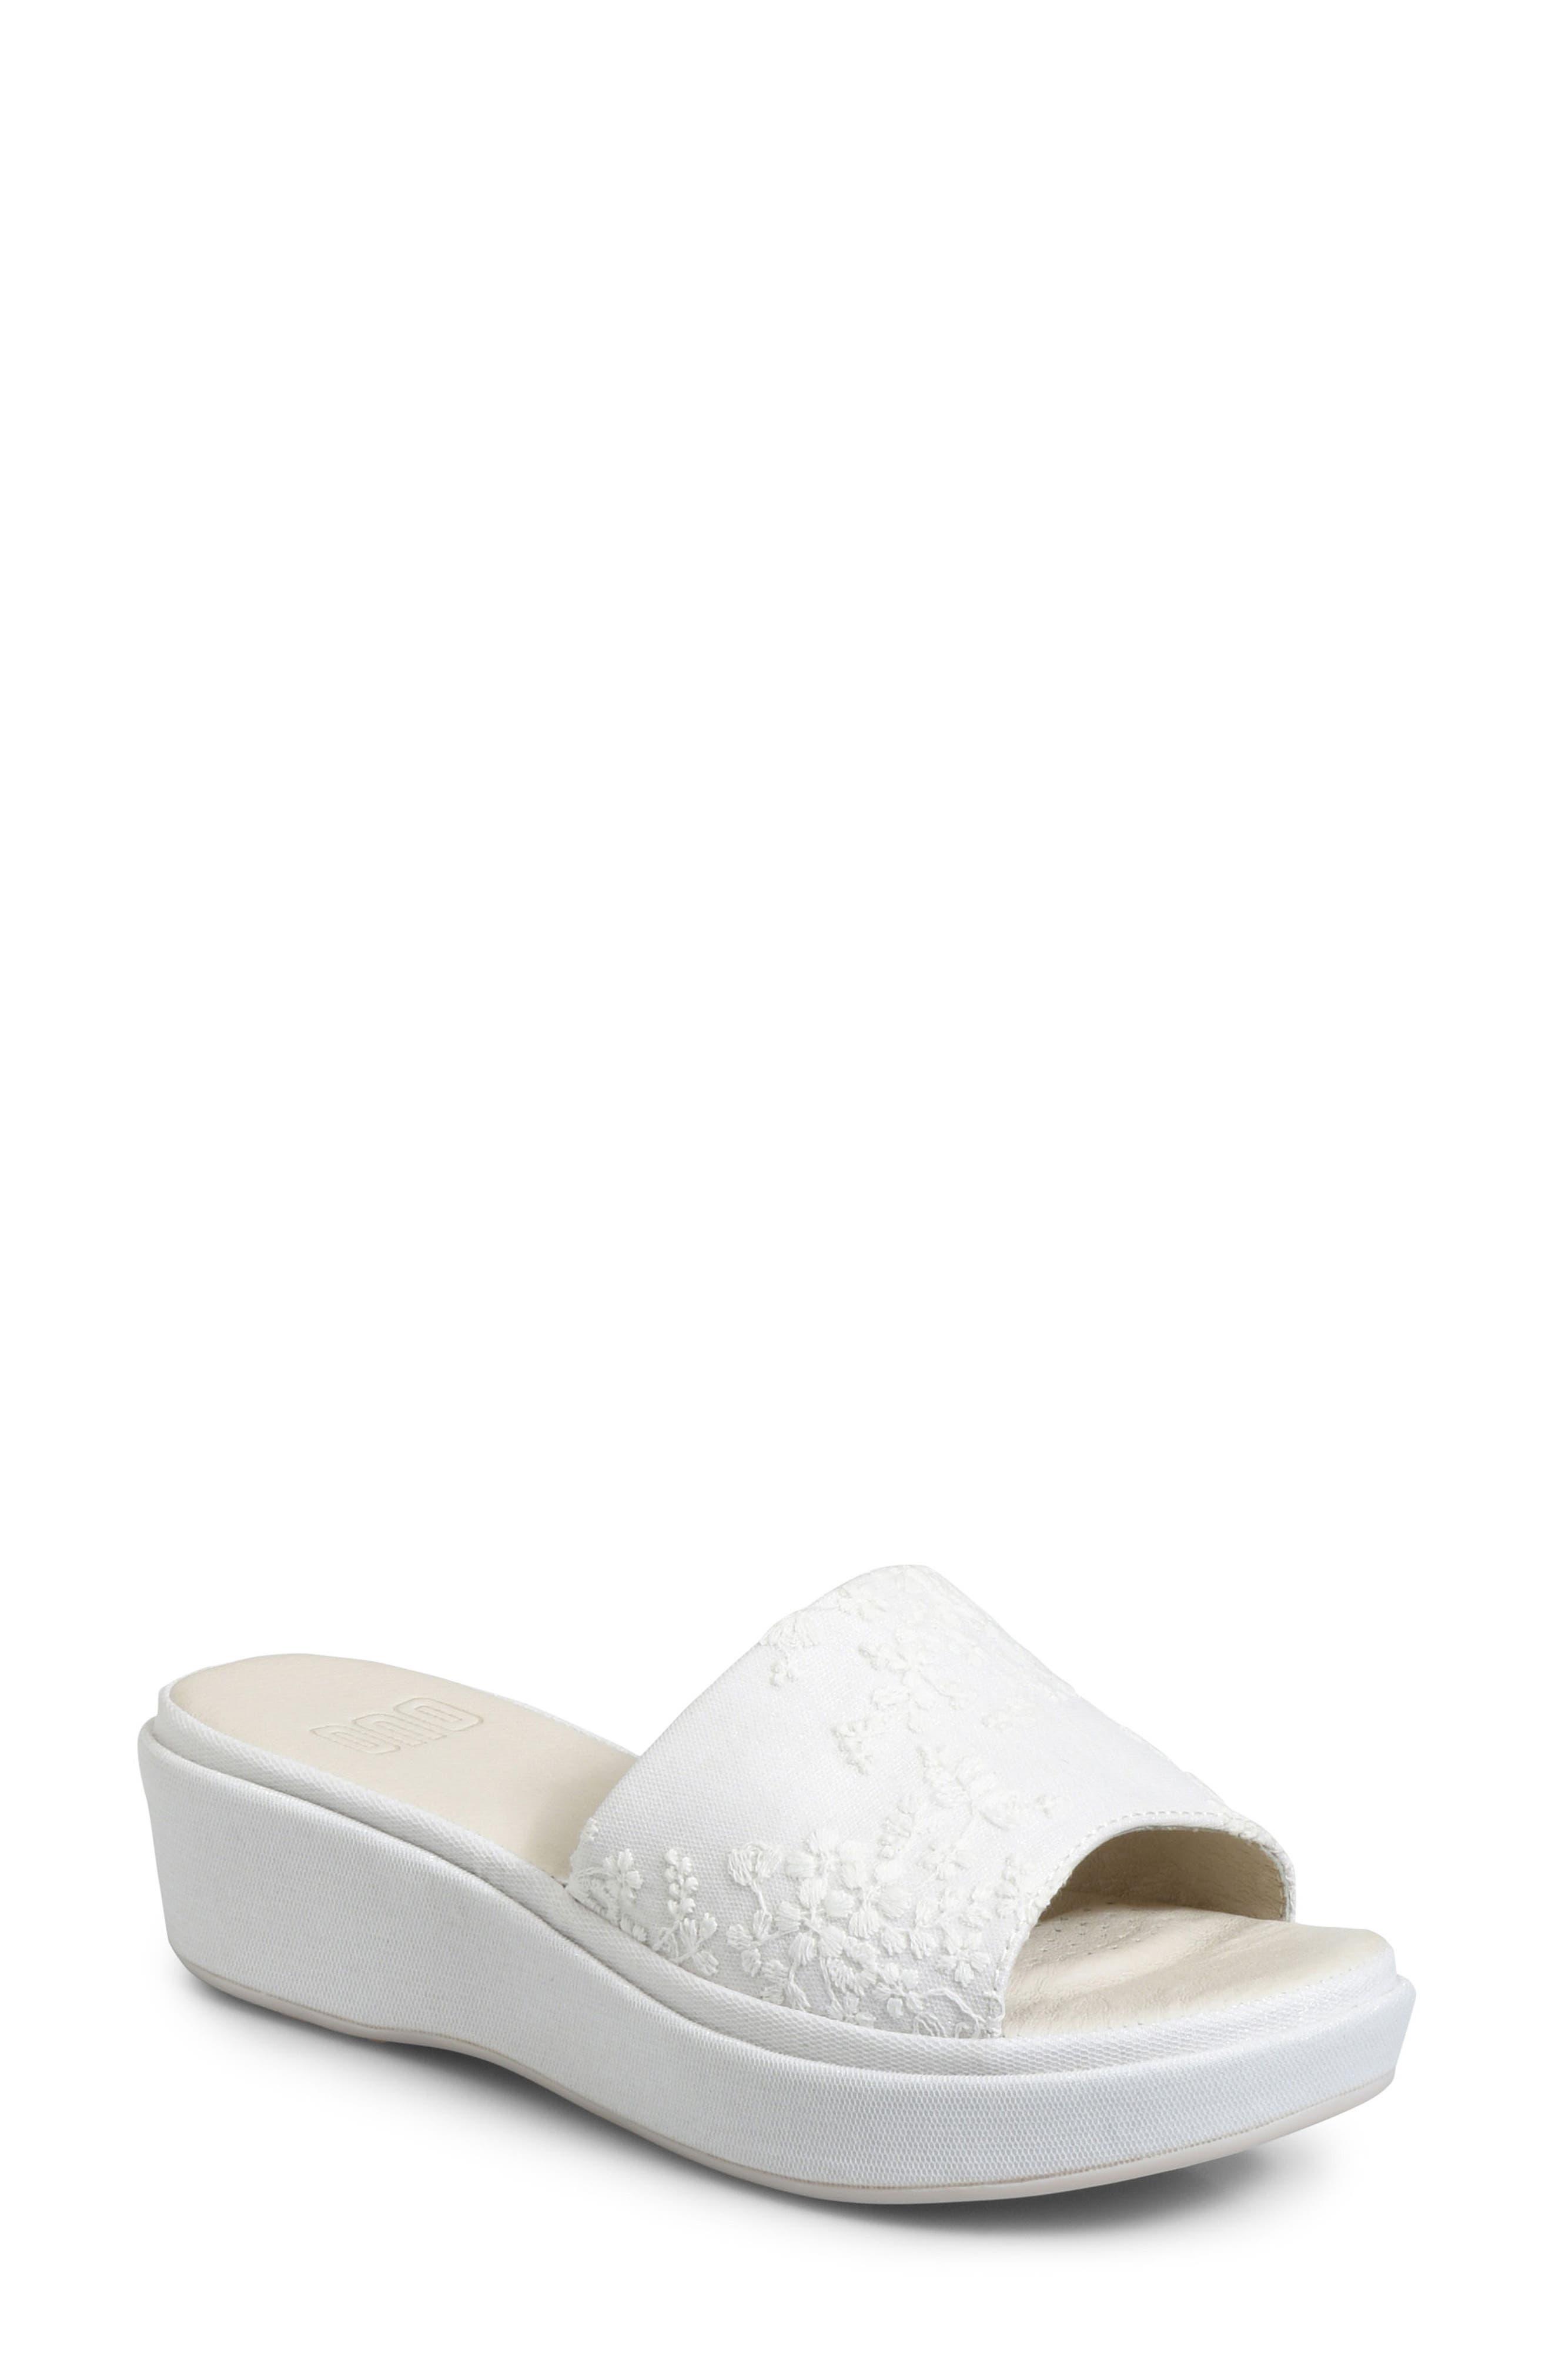 Ono Dive Platform Sandal, White